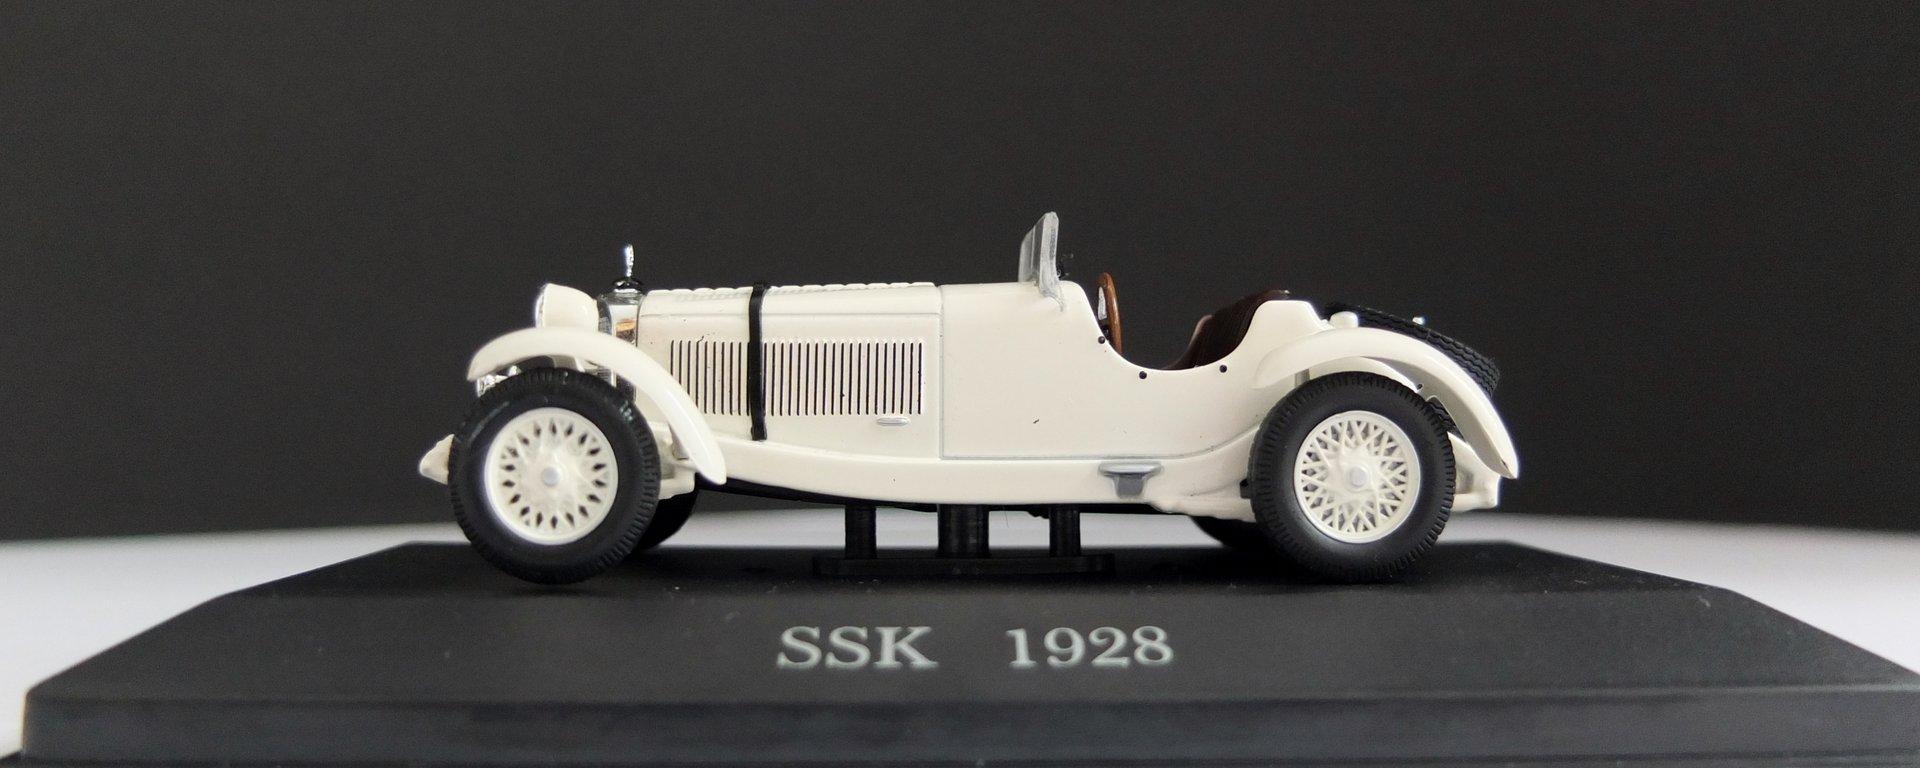 Mercedes Benz Ssk Preis